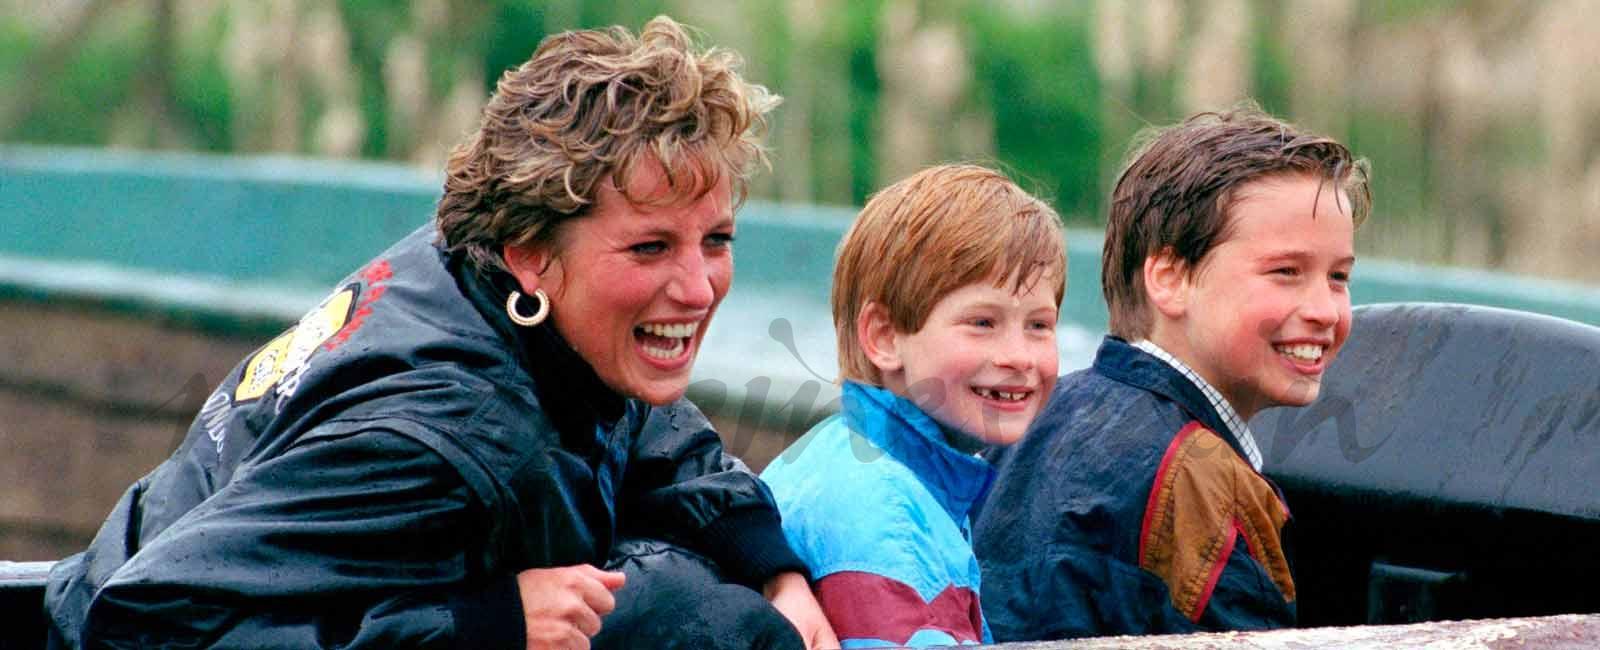 Primeras imágenes del documental «Diana, nuestra madre: su vida y legado»